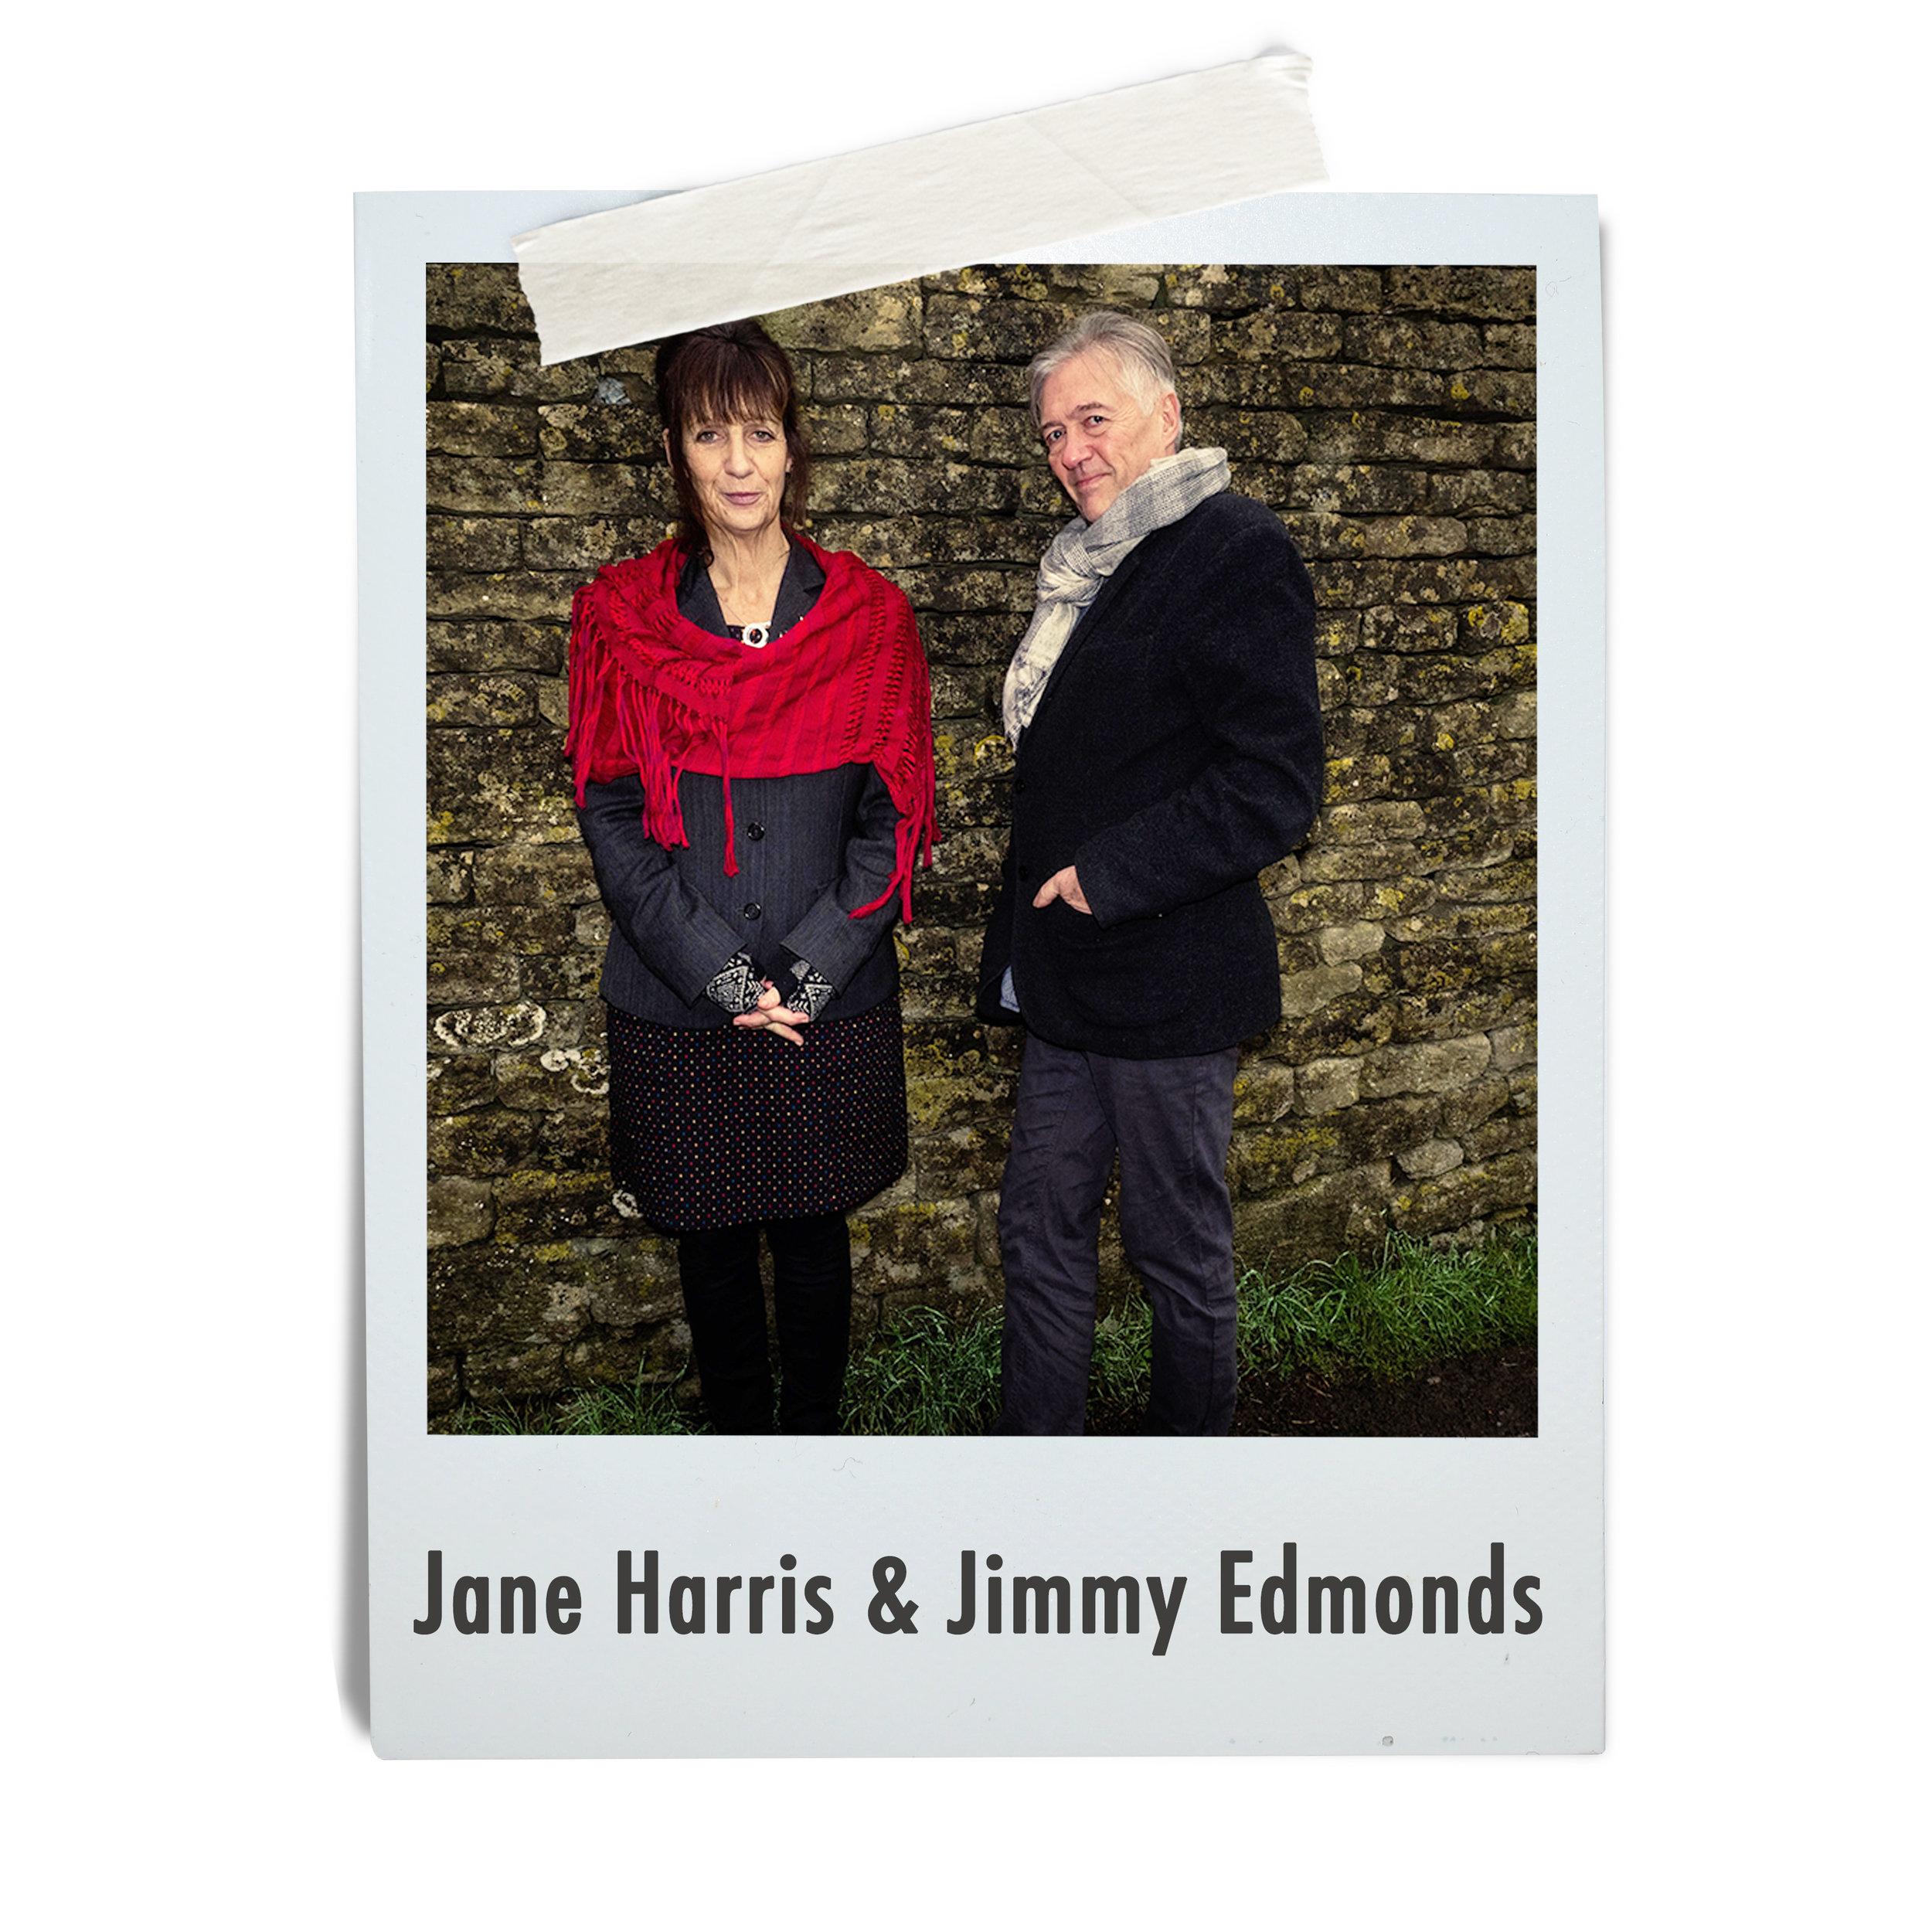 Jane Harris & Jimmy Edmonds